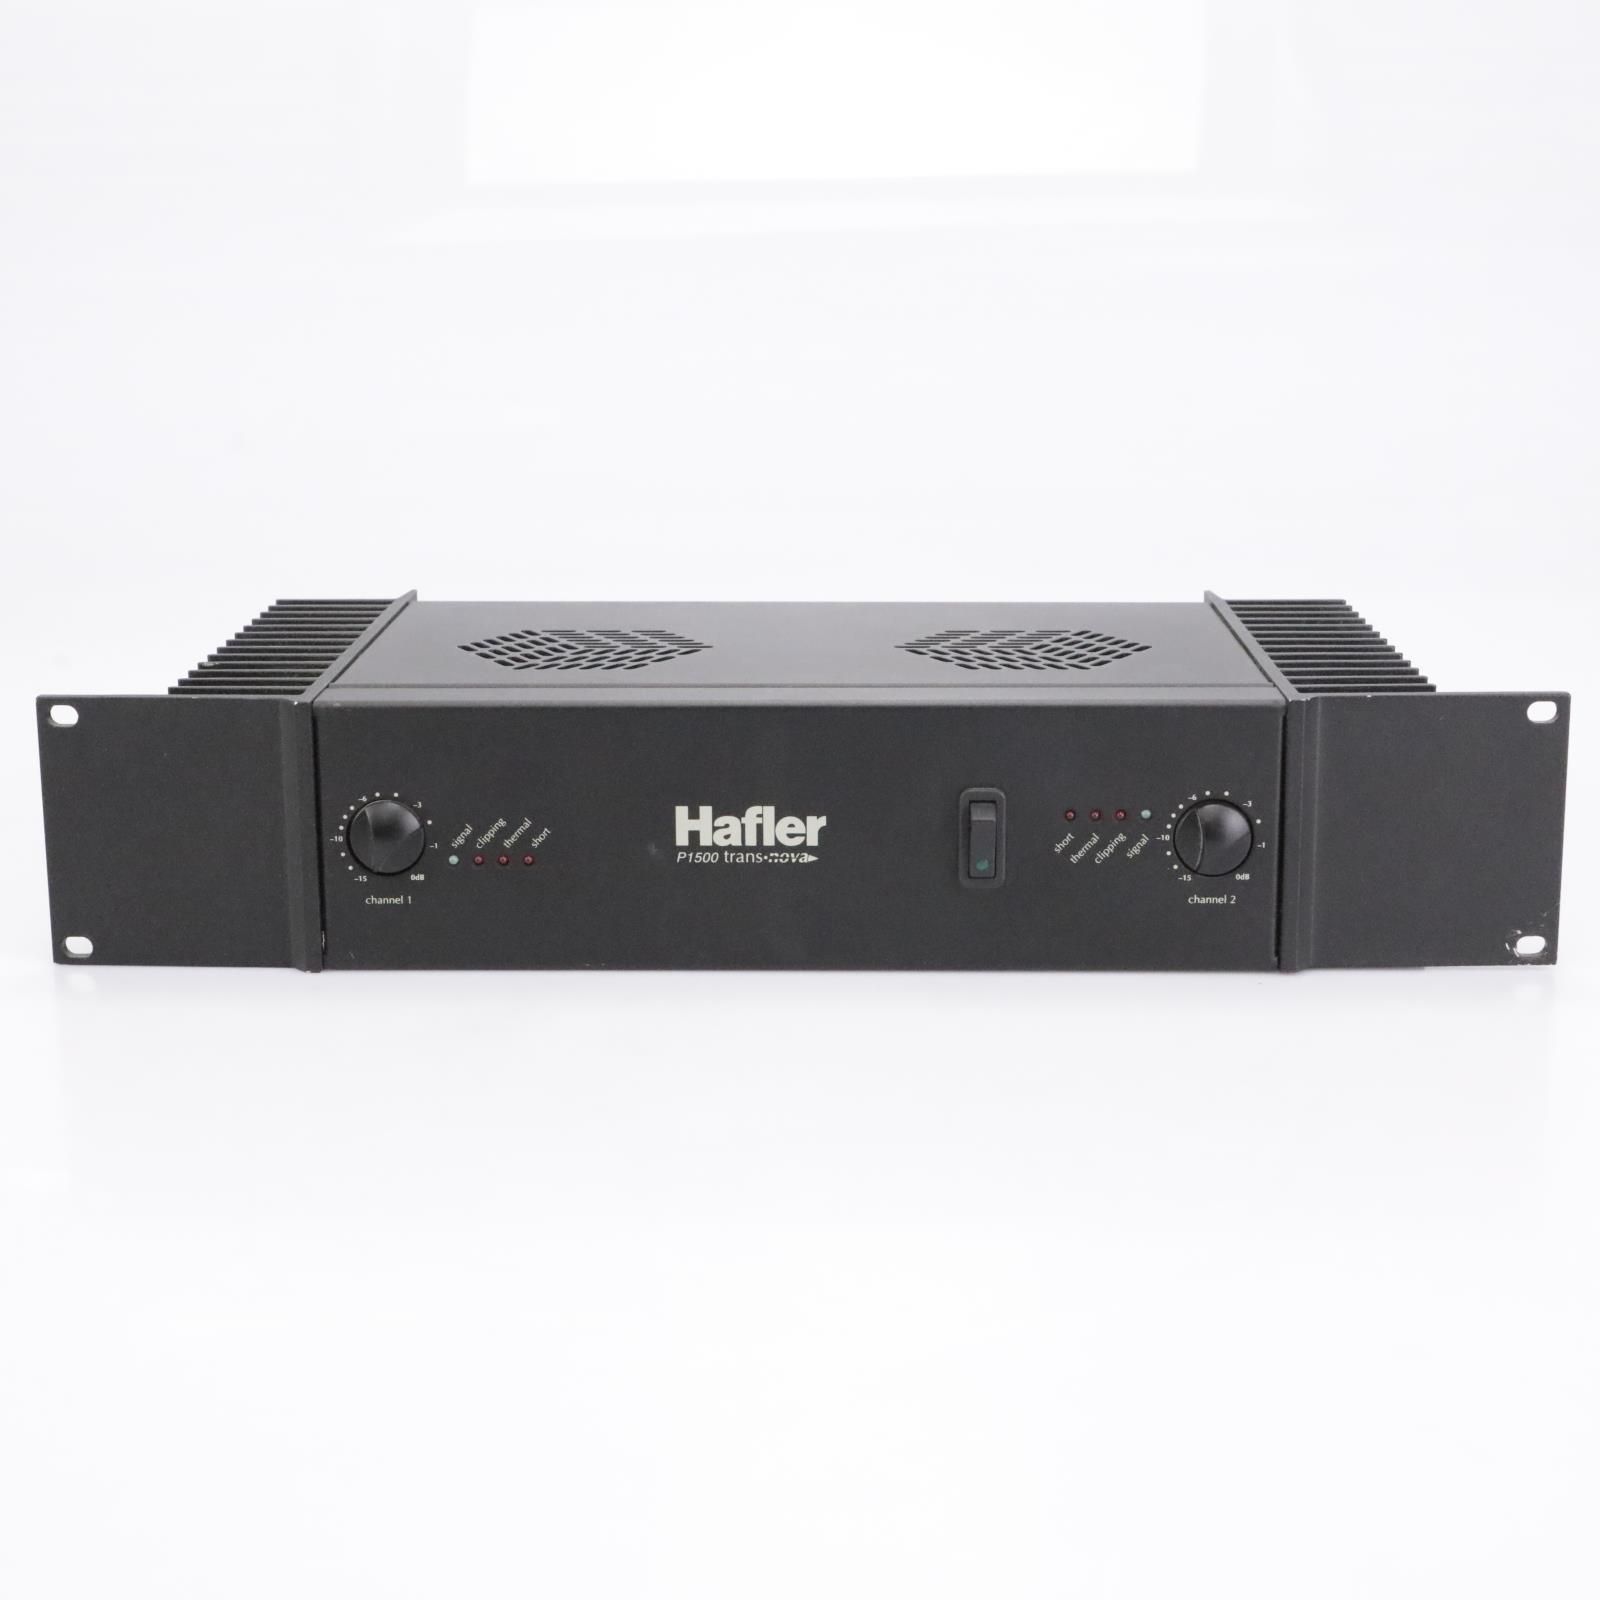 Hafler P1500 Transnova Stereo Power Amplifier #43220